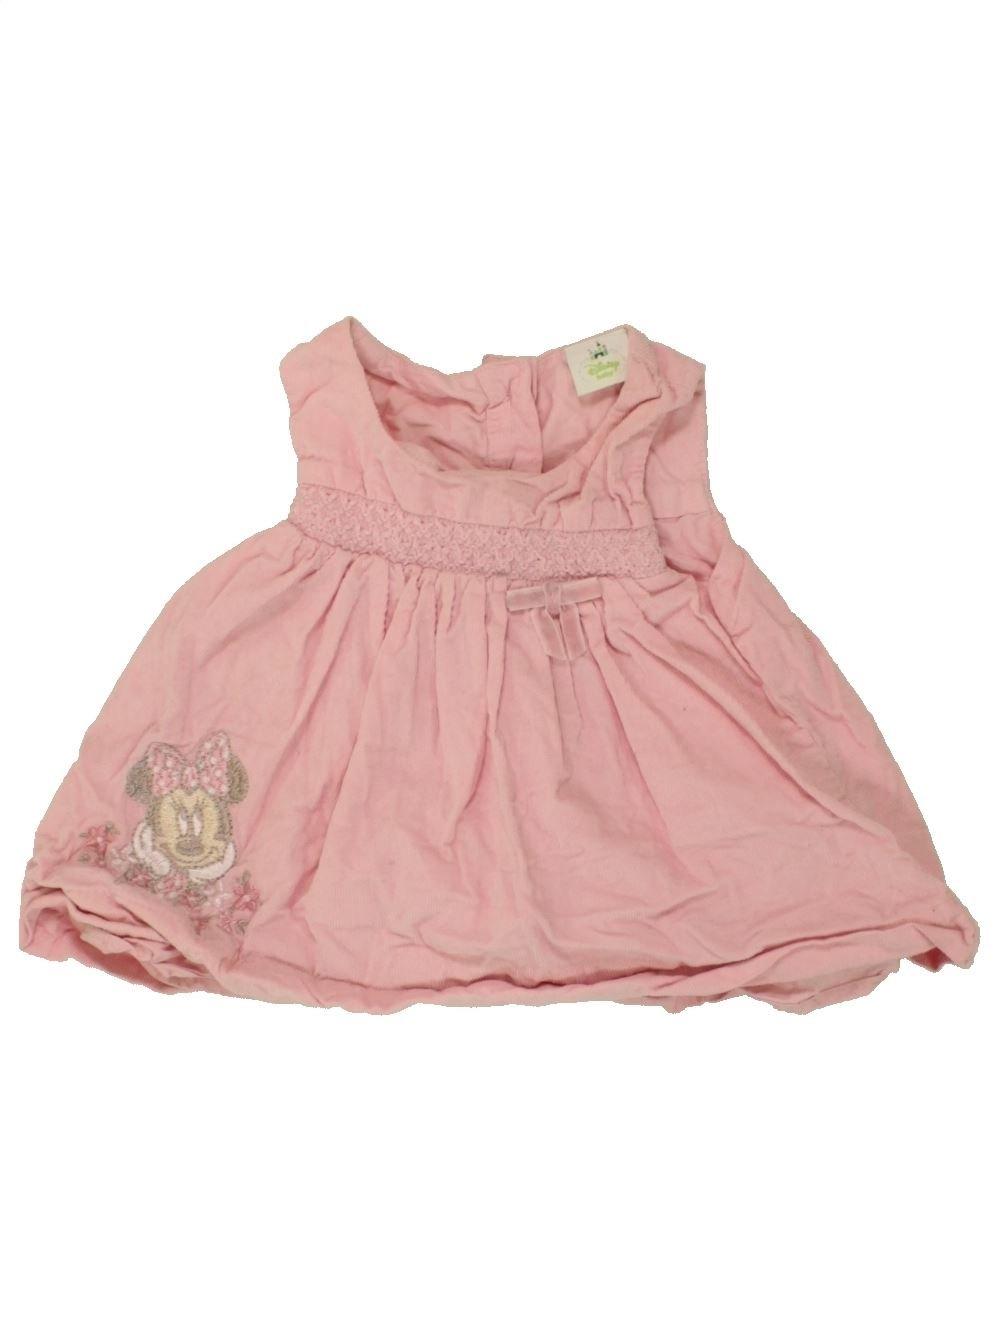 c720b21dbbbbc Robe rose DISNEY du naissance pour Fille - 1474076